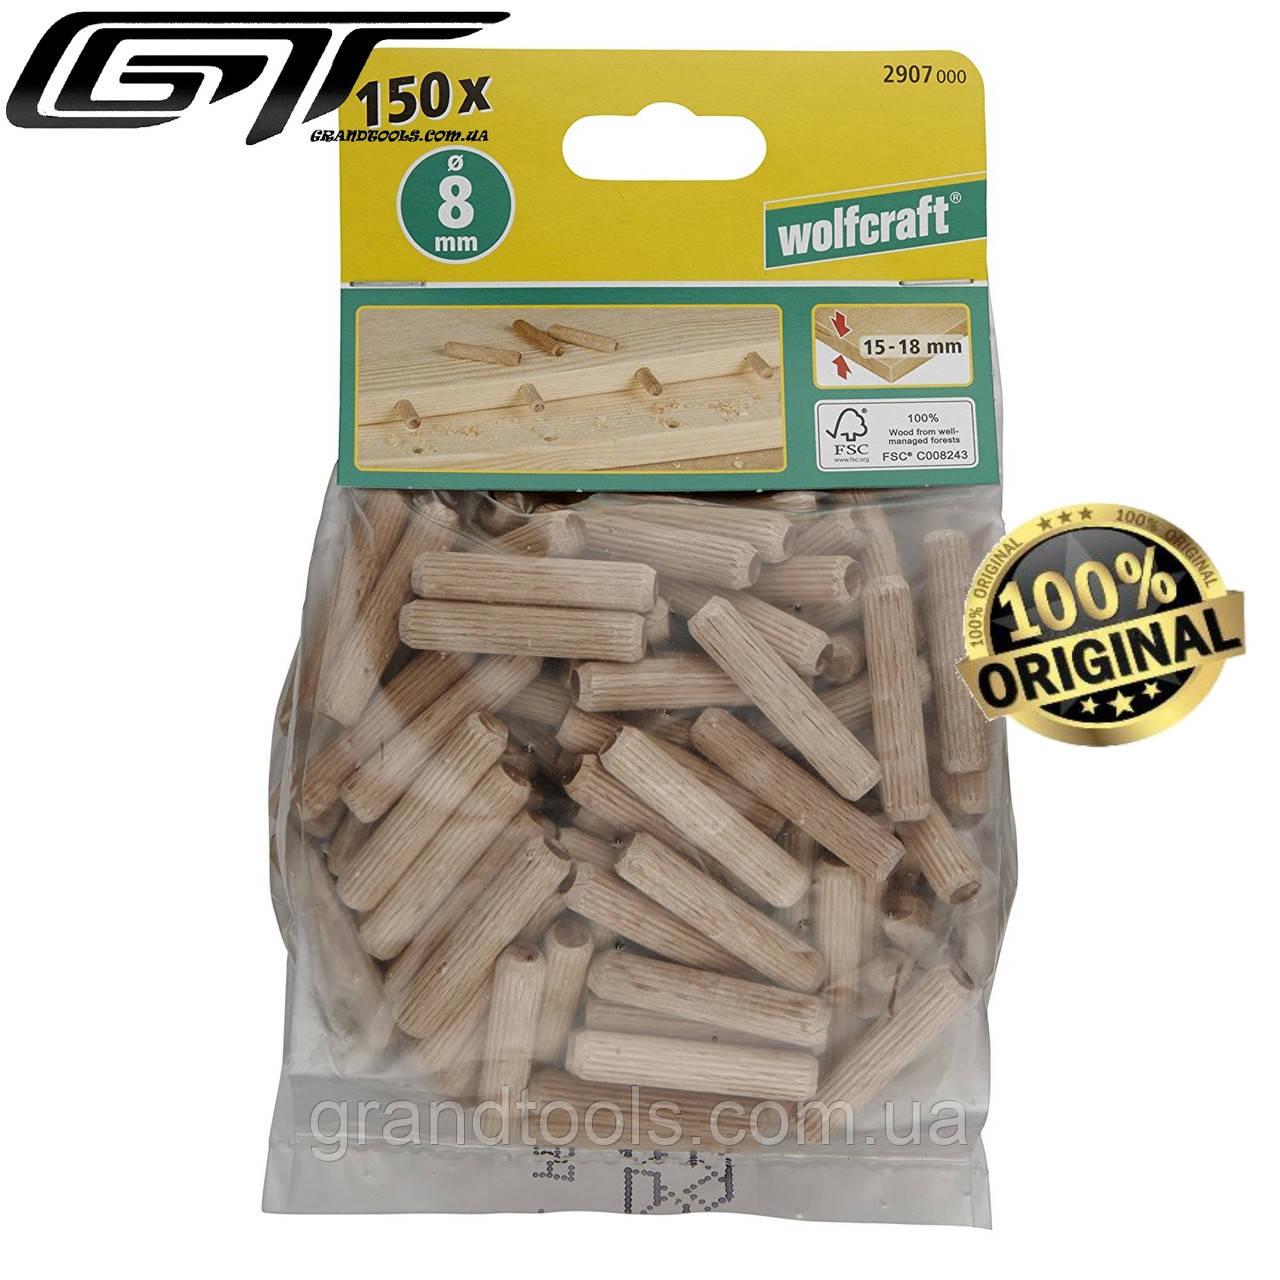 Шкант деревянный 8х40 мм WOLFCRAFT 150 штук WF 2907000